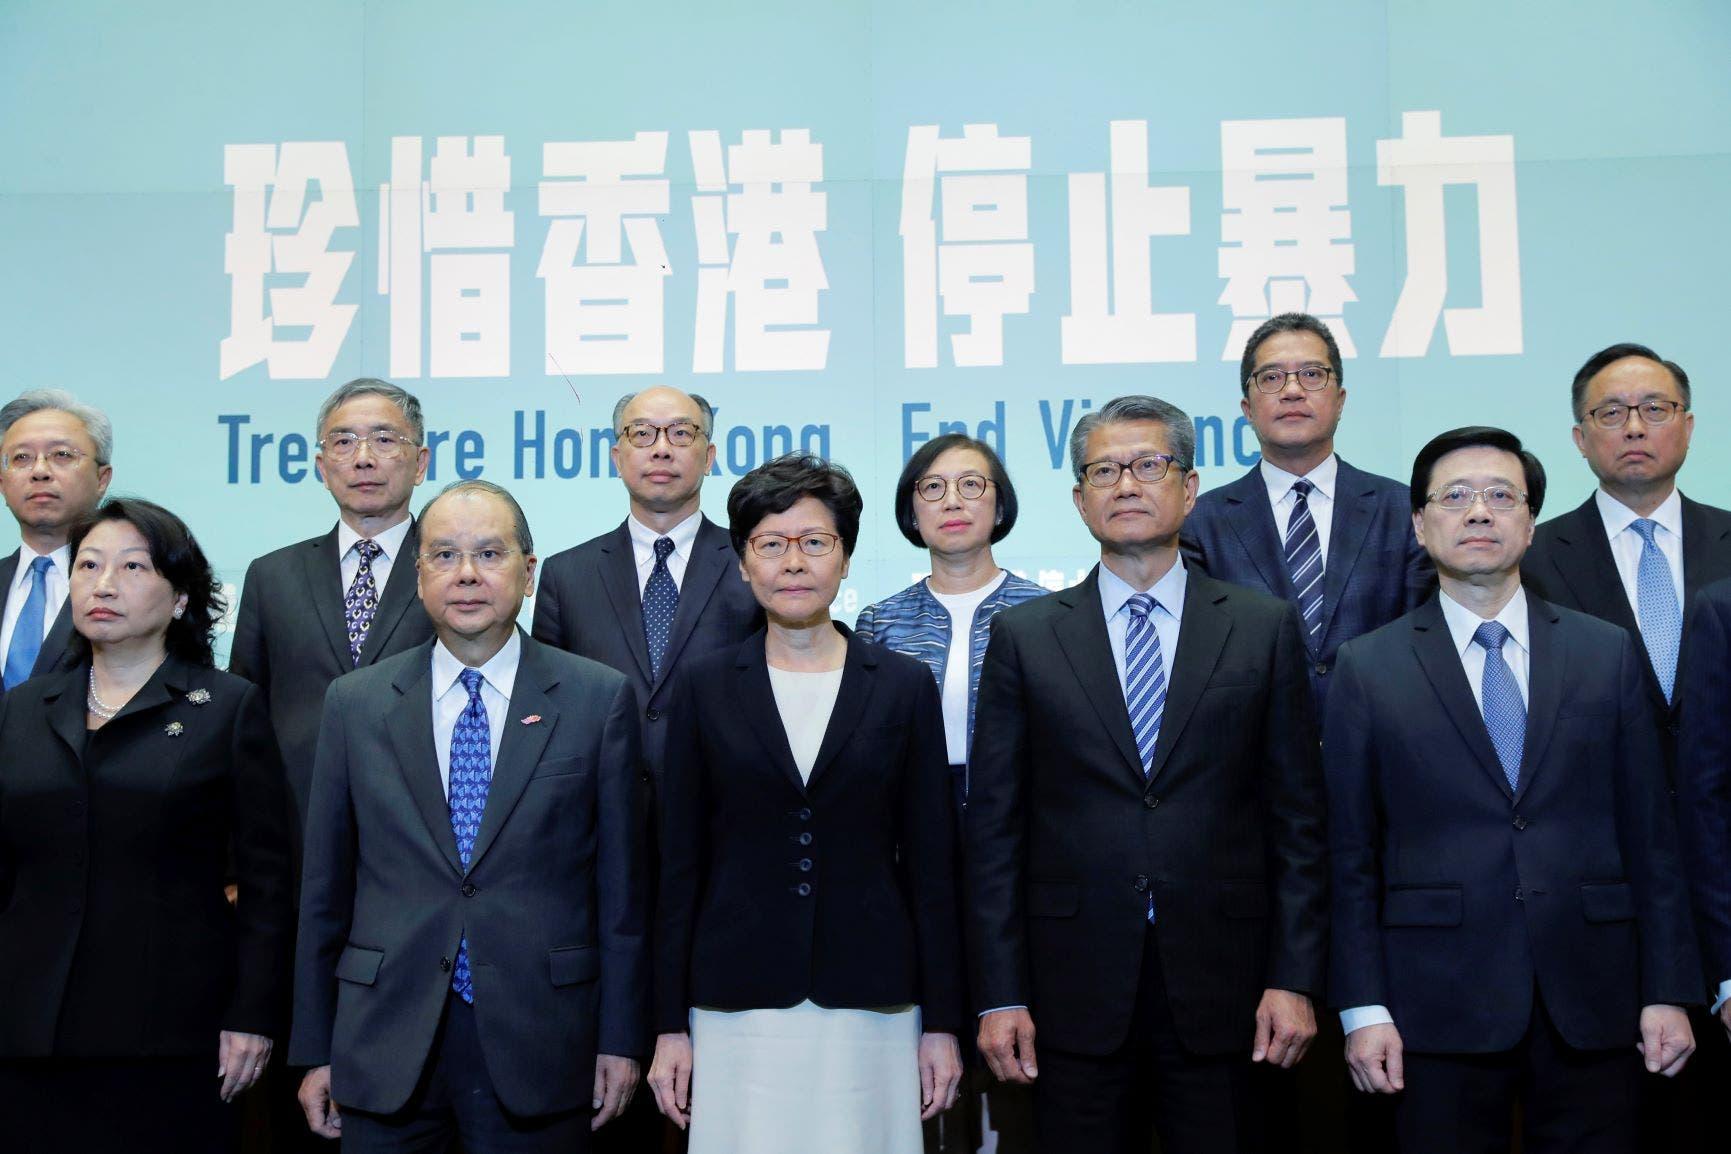 كاري لام تترأس اجتماعا خاصا للمجلس التنفيذي